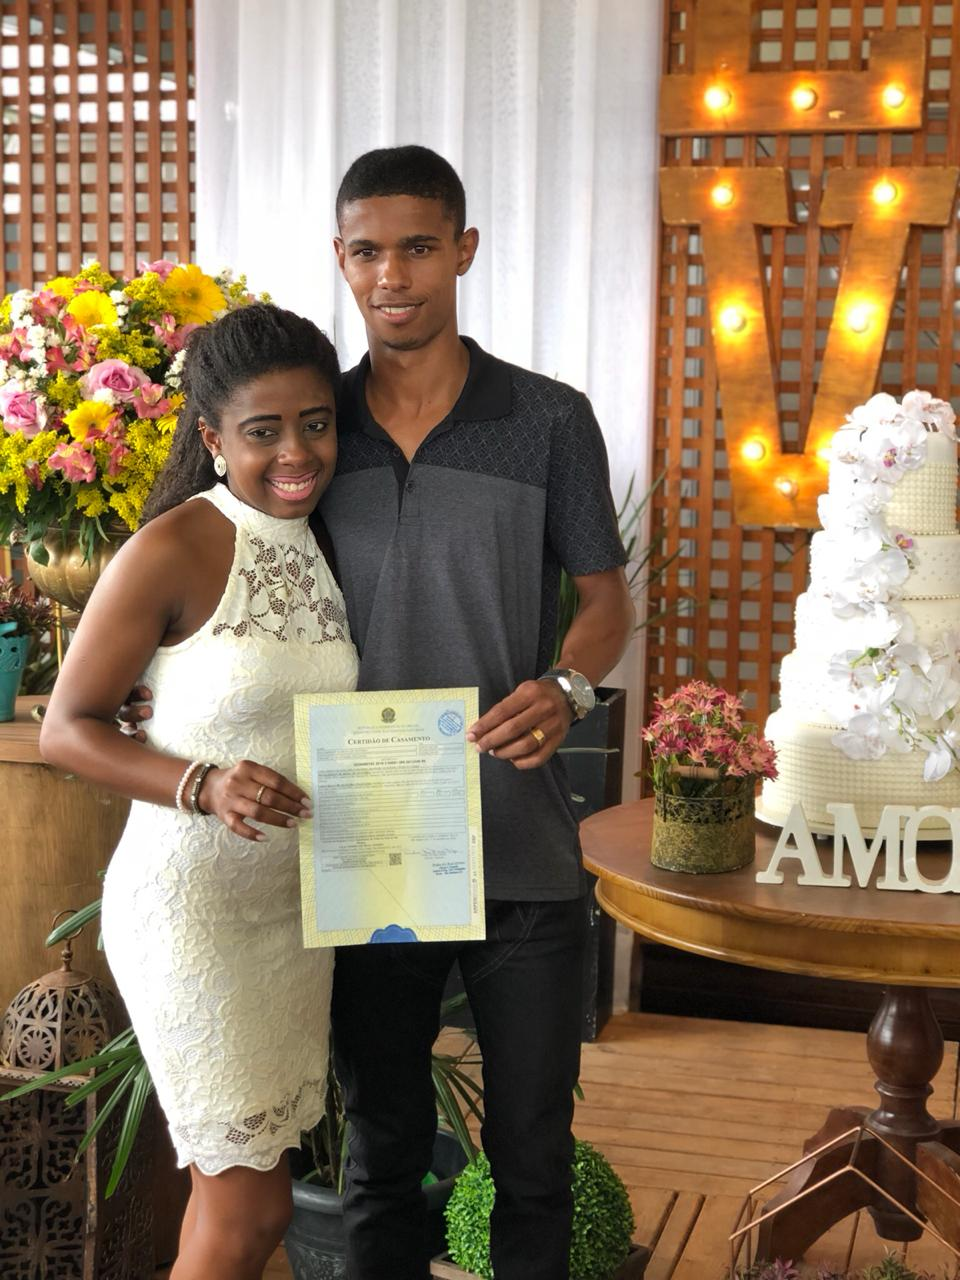 Prefeitura de São Mateus, através da Secretaria Municipal de Assistência Social realiza o Casamento Comunitário